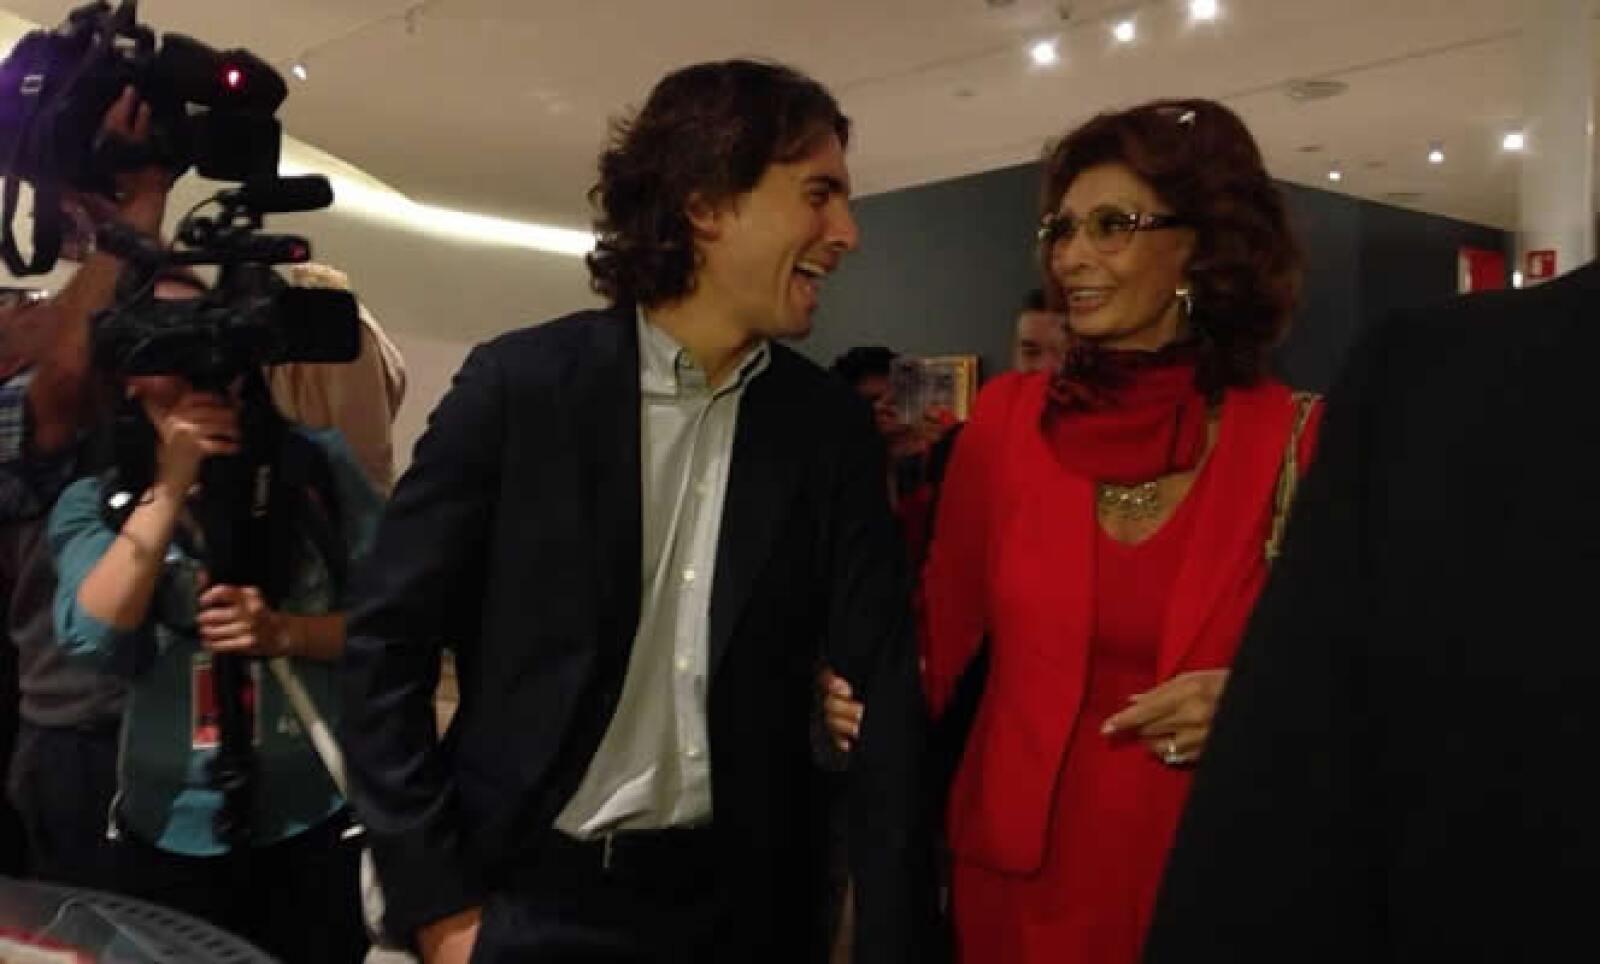 Carlo Ponti, hijo de la actriz, acompañó a Loren durante la inauguración.